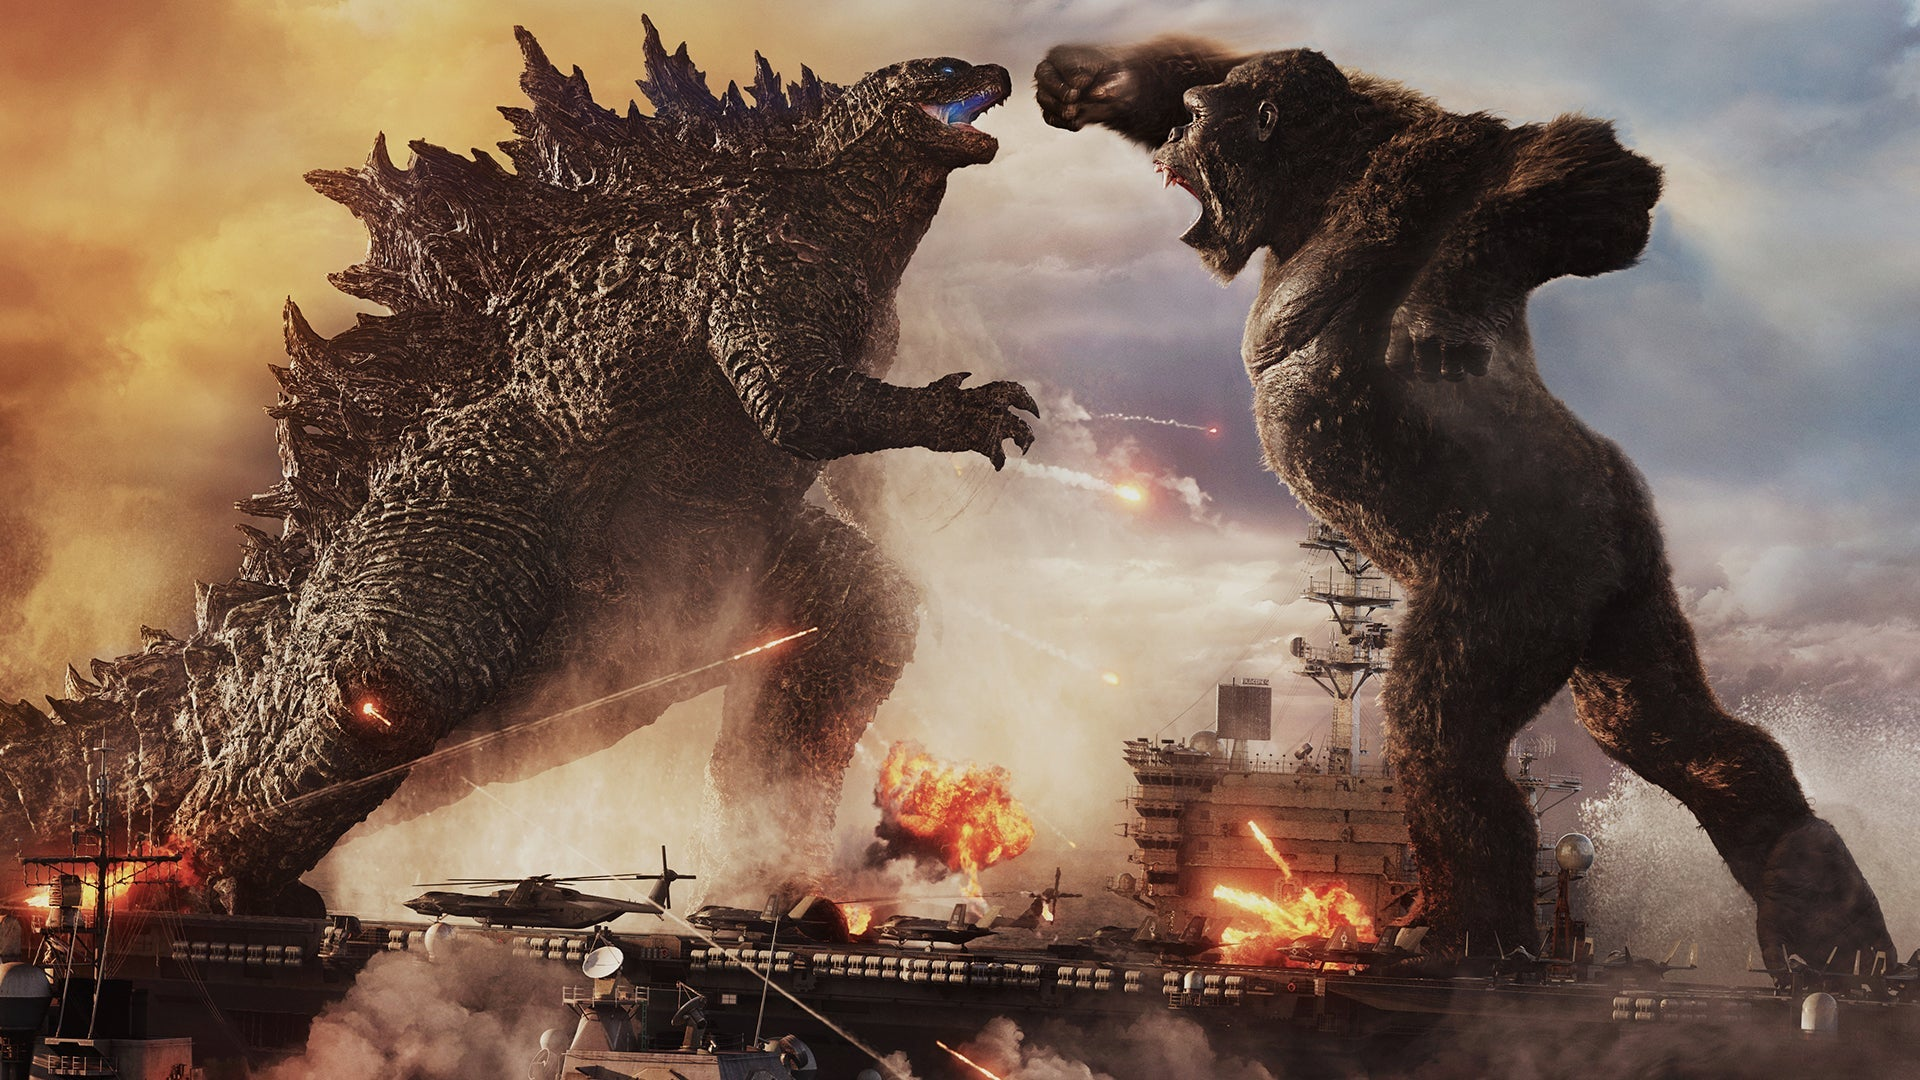 Phim hành động Mỹ khoa học viễn tưởng - Godzilla vs. Kong